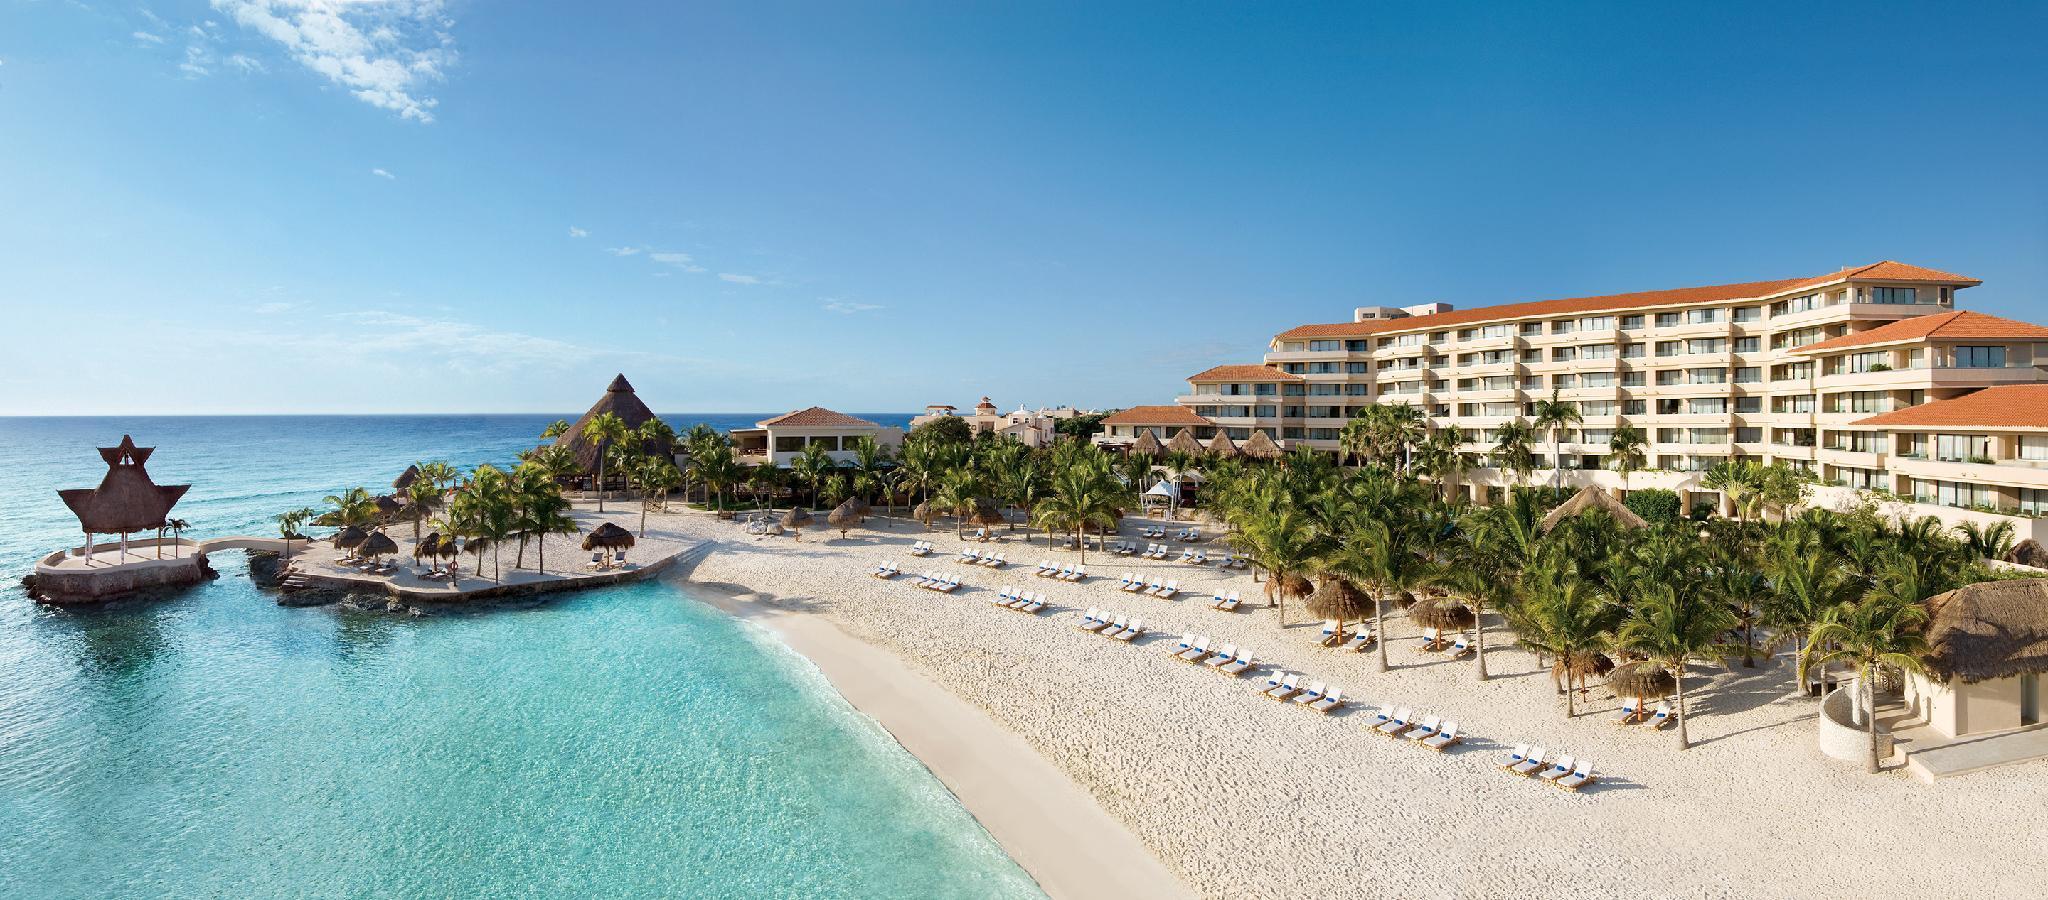 Dreams Puerto Aventuras Resort And Spa   All Inclusive